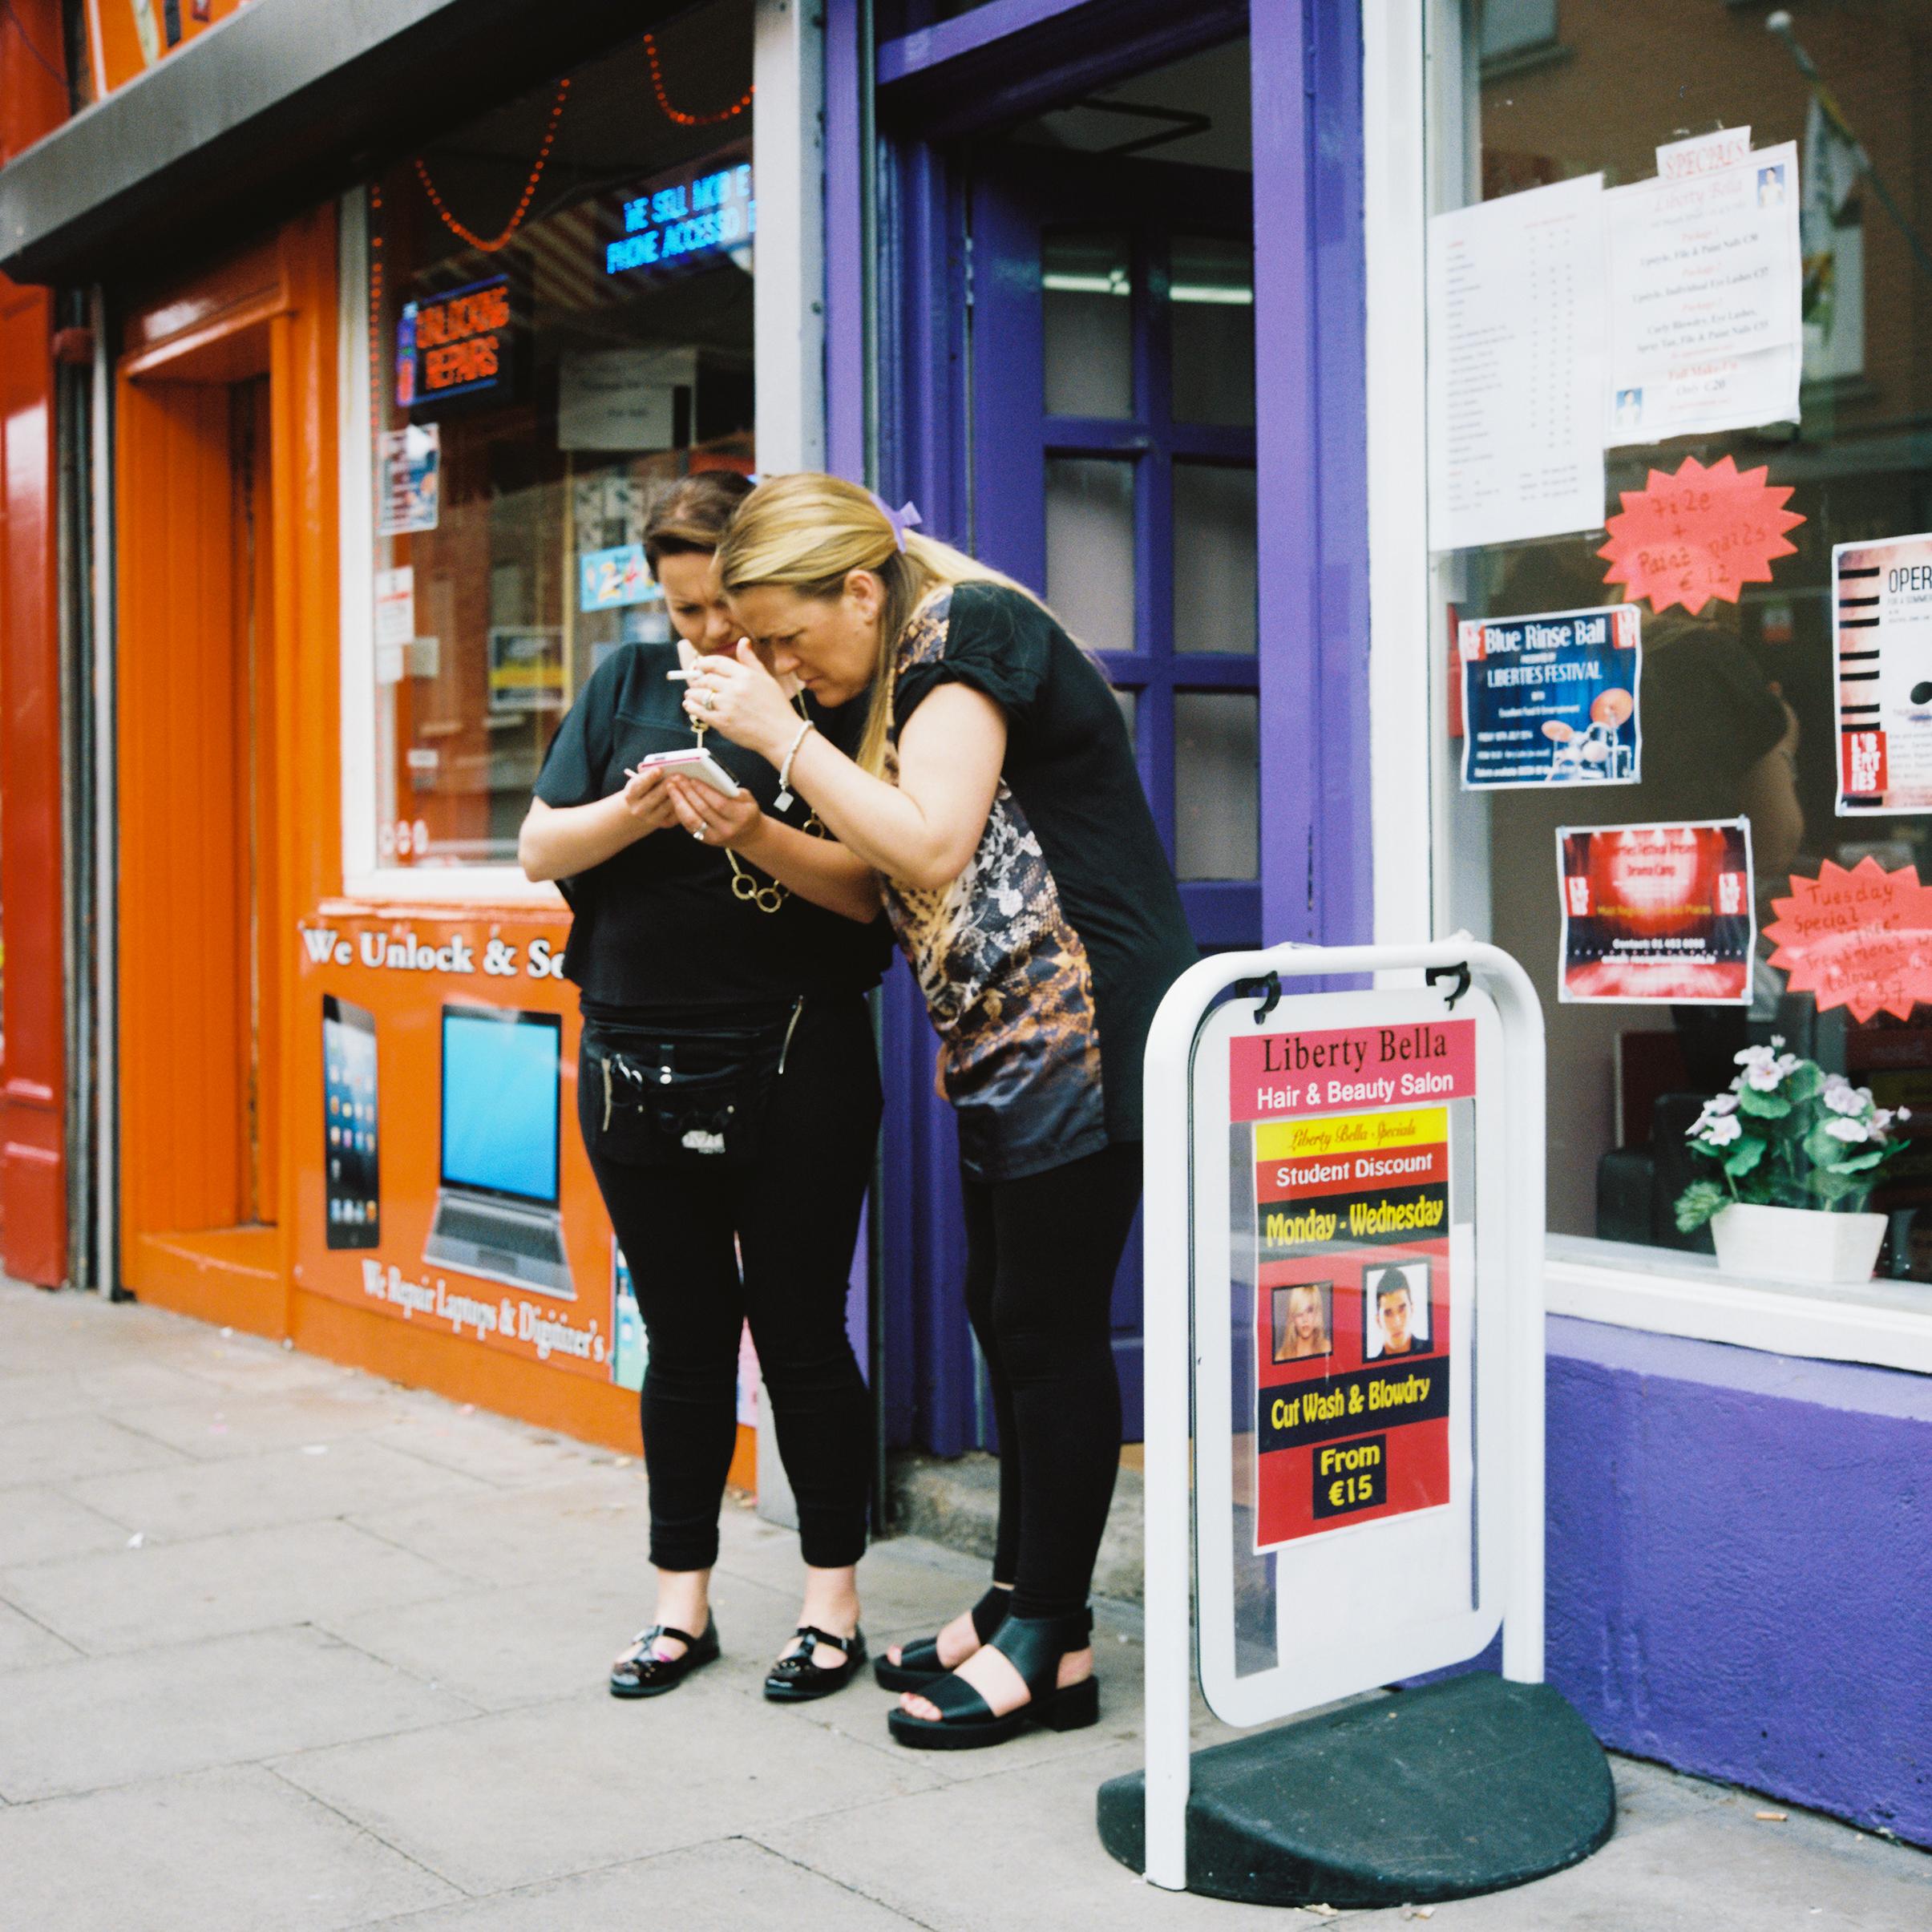 39.TheLiberties.Dublin.jpg